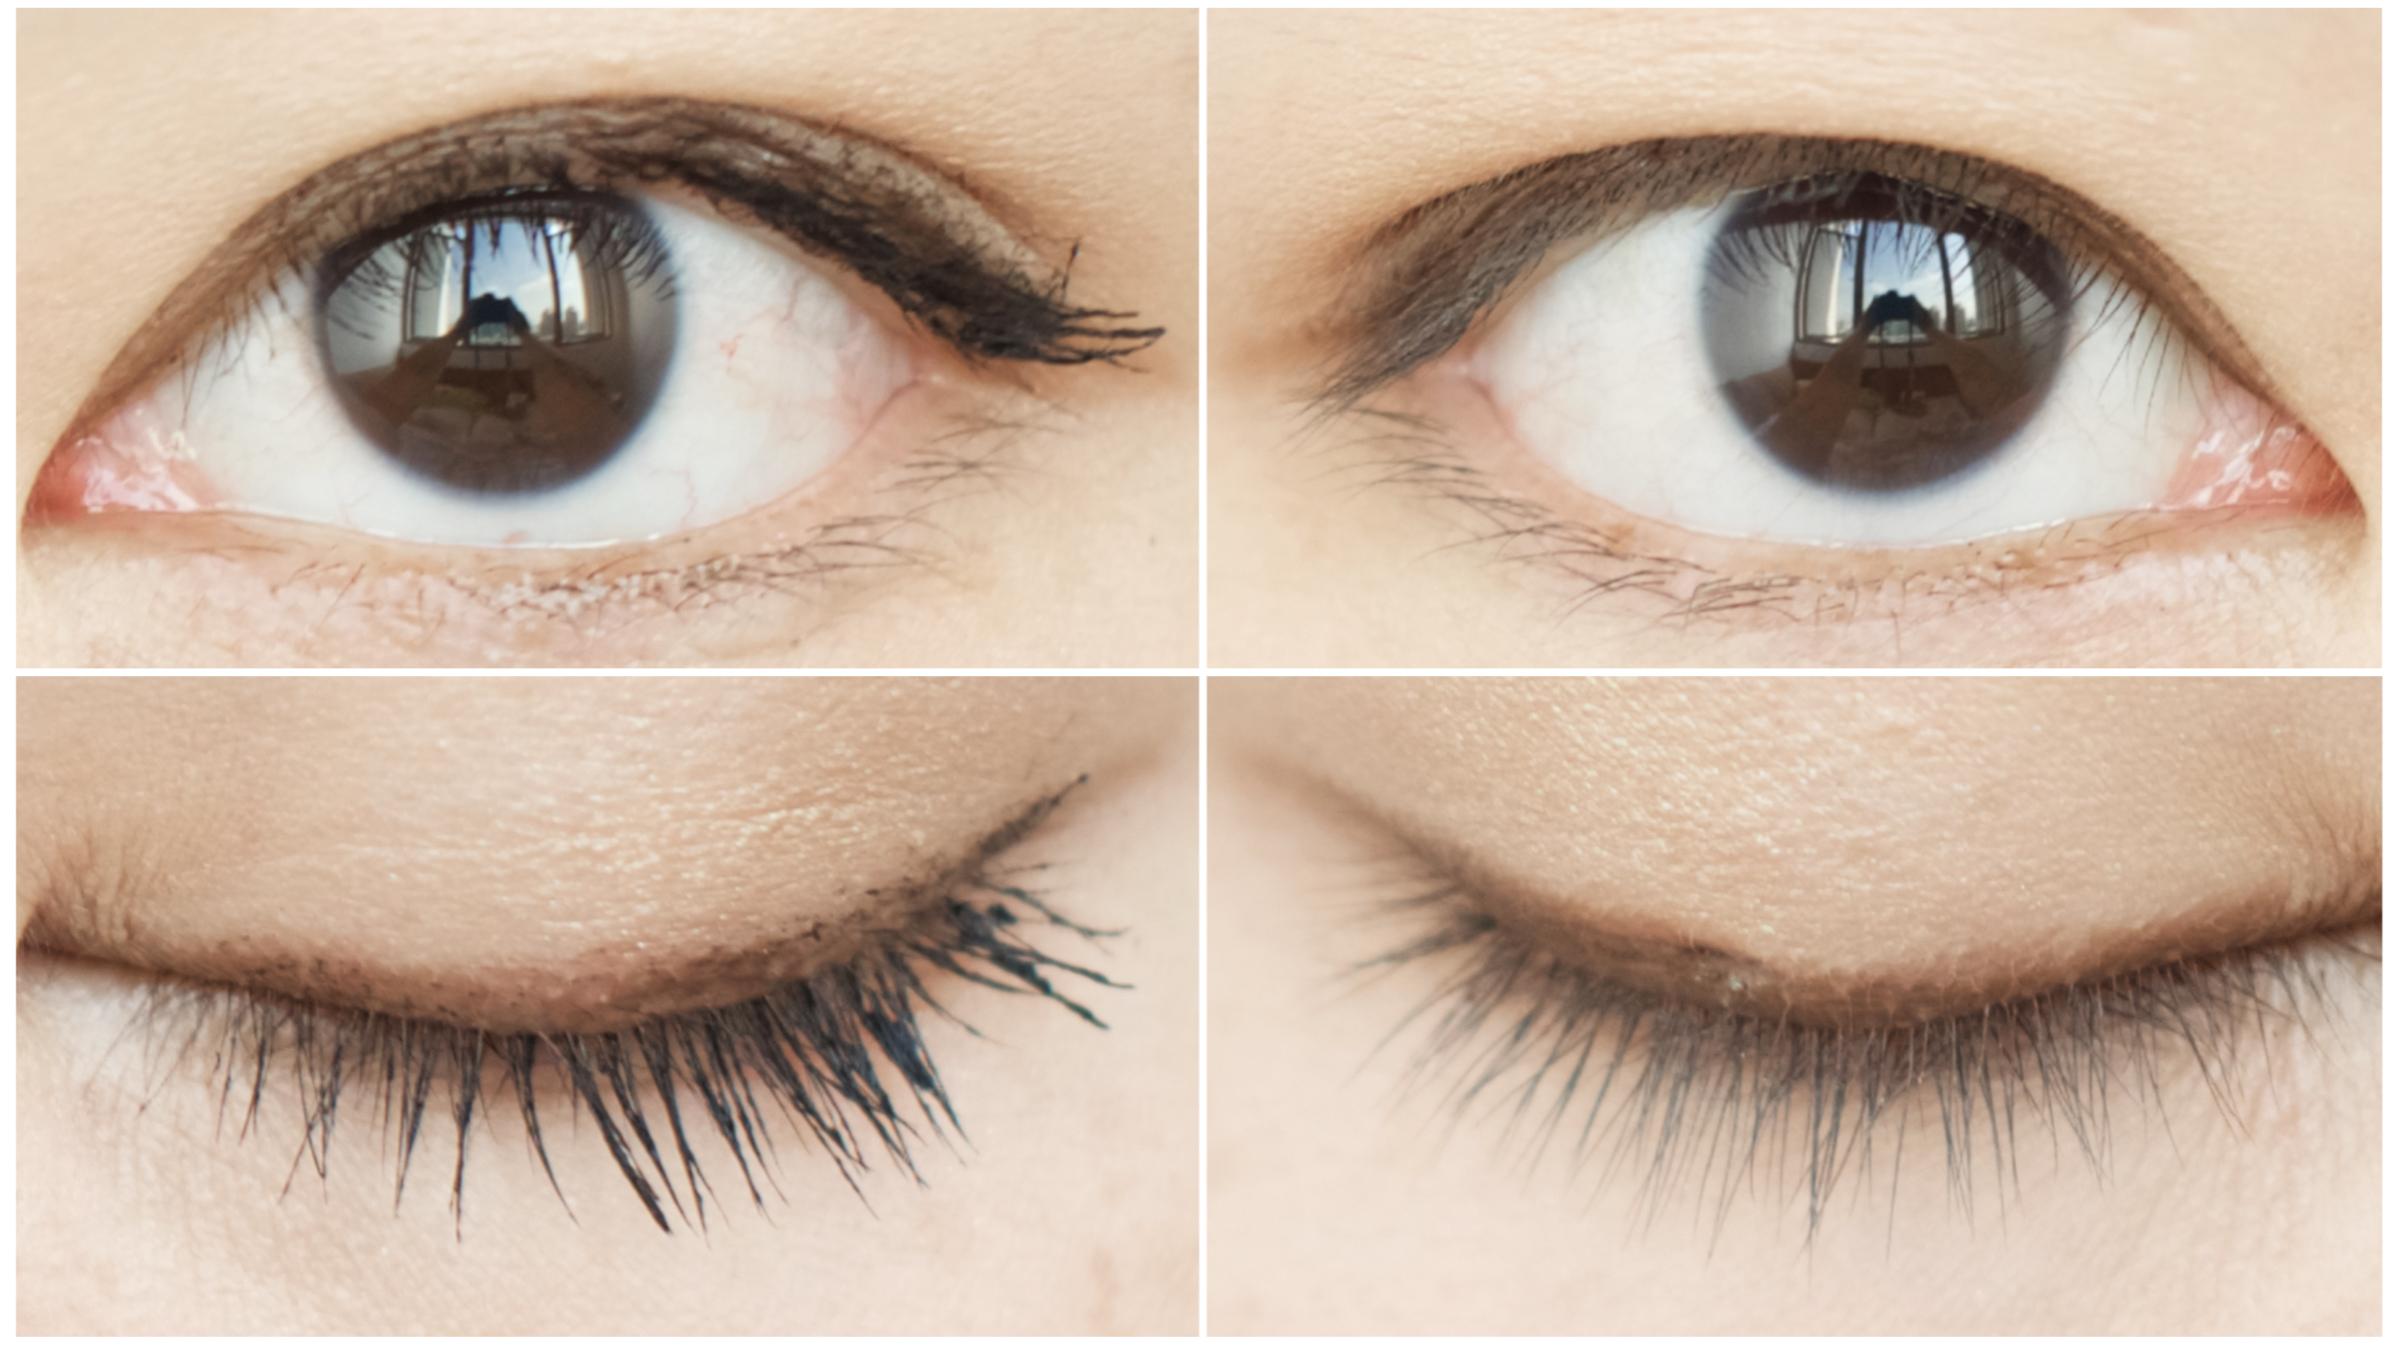 10 Drugstore Mascaras on Asian Lashes